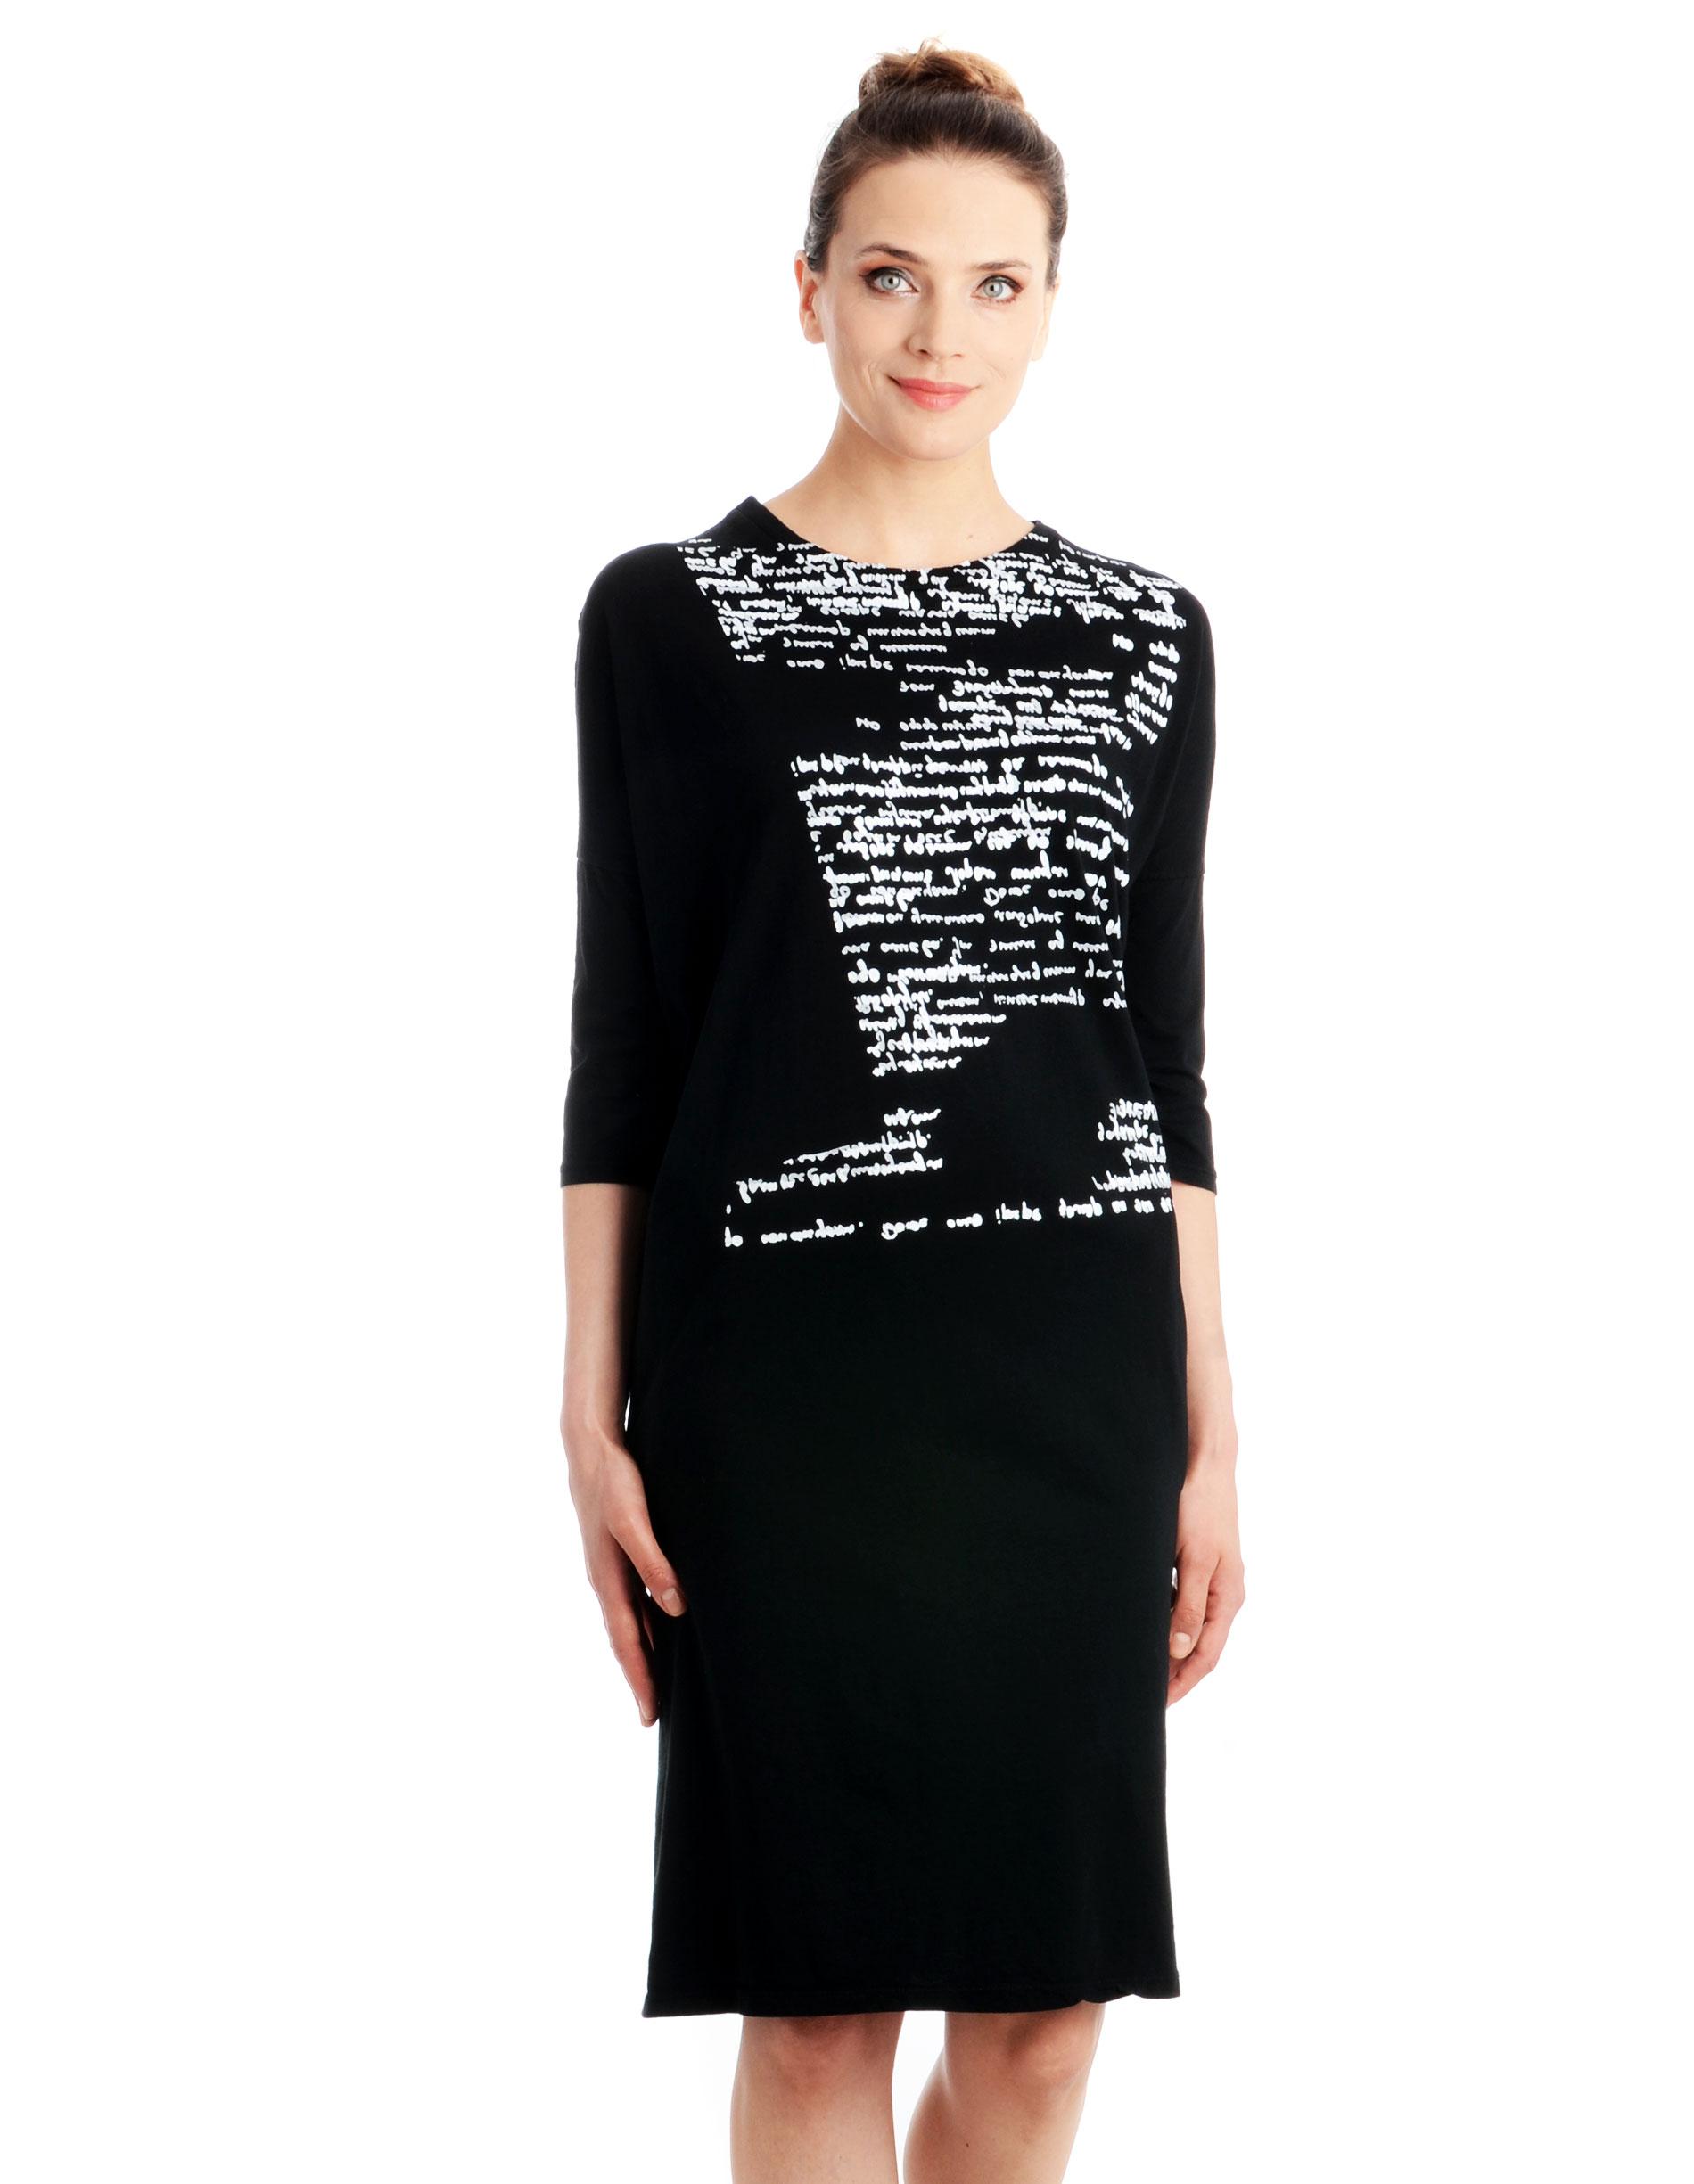 Sukienka - 16-15501 NERO - Unisono